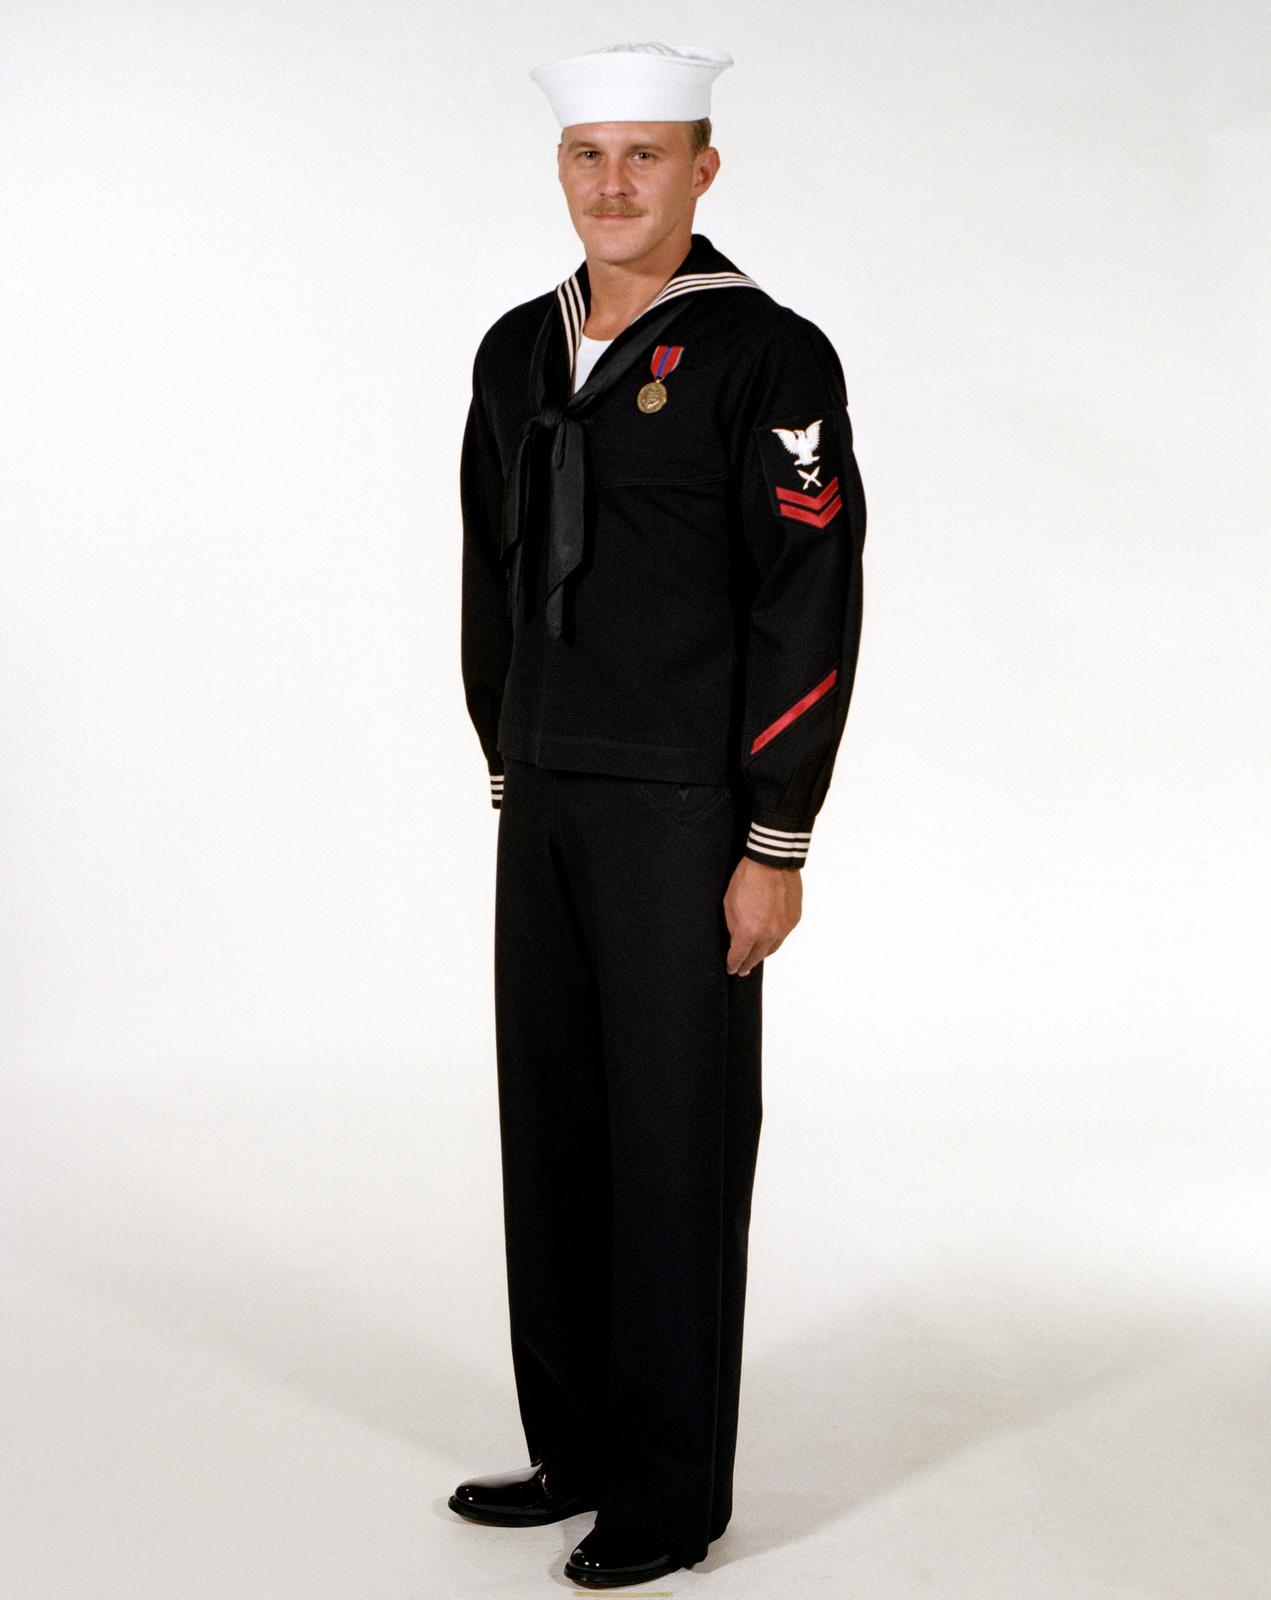 Uniform: Full dress blue jumper, Navy enlisted men, ranks